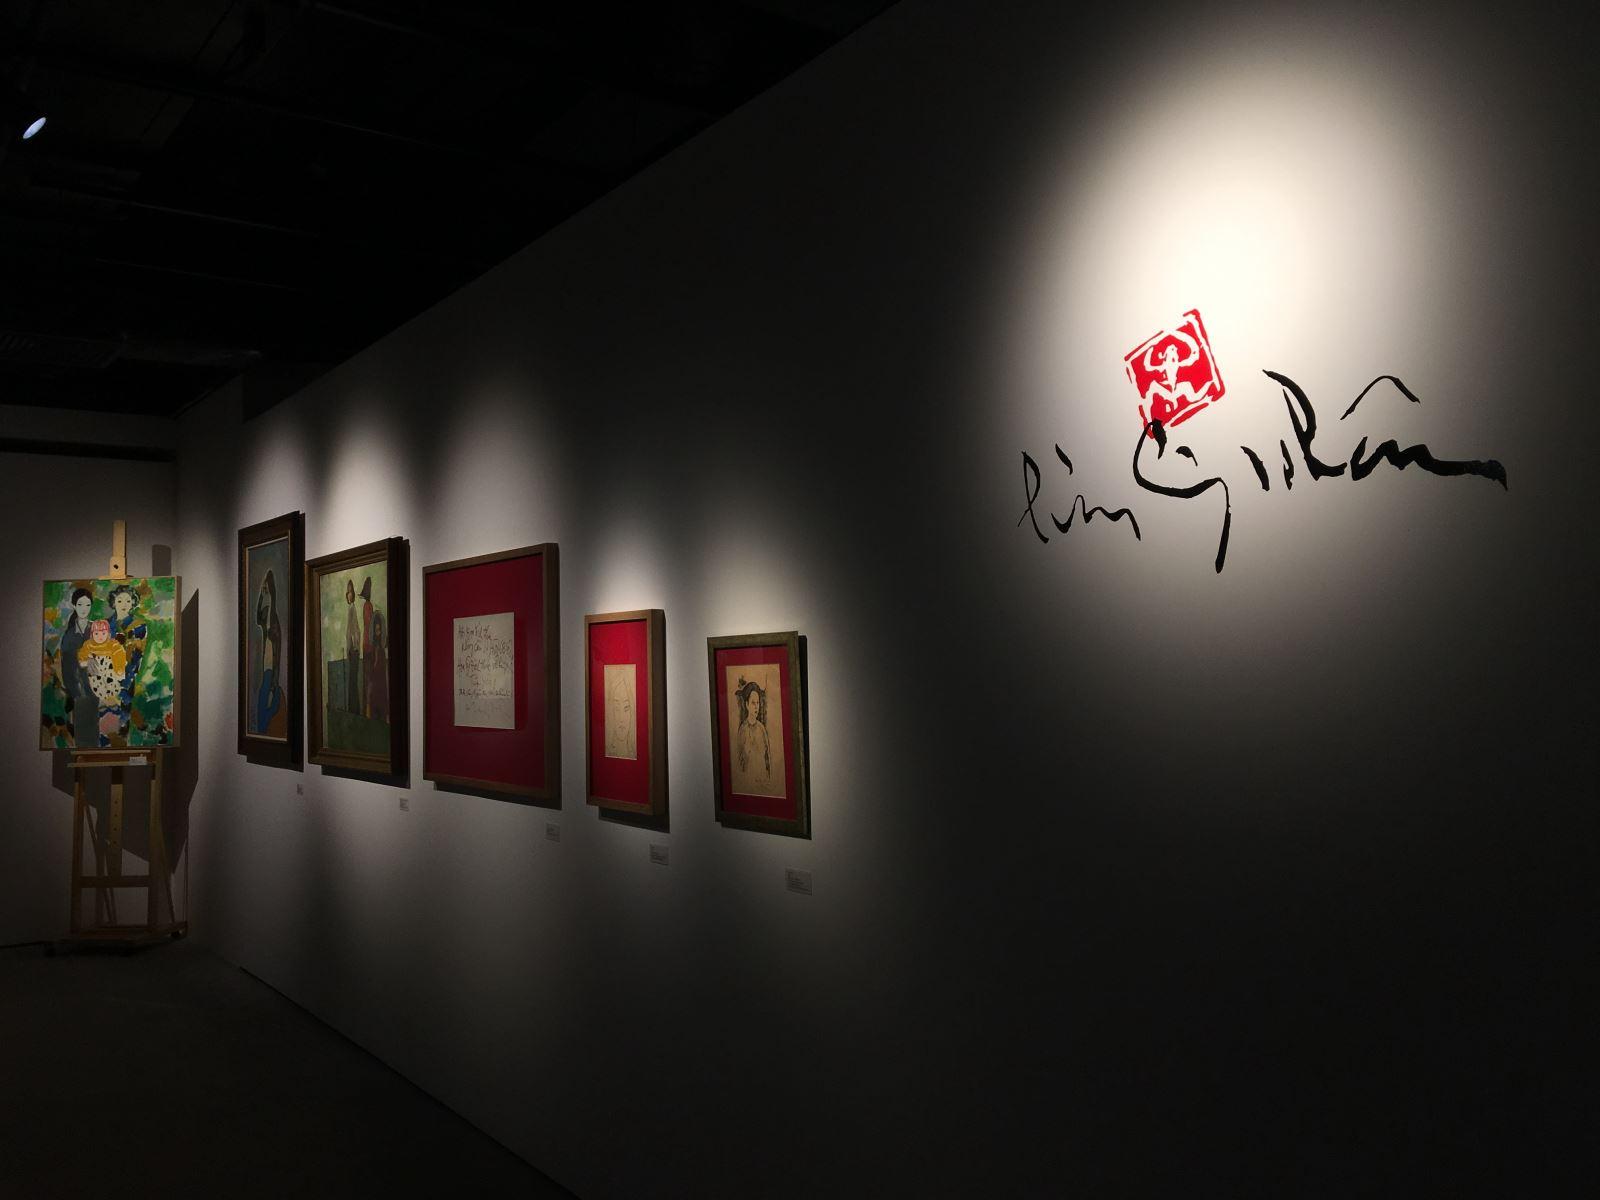 Chiêm ngưỡng bộ sưu tập tranh đồ sộ của Lưu Công Nhân